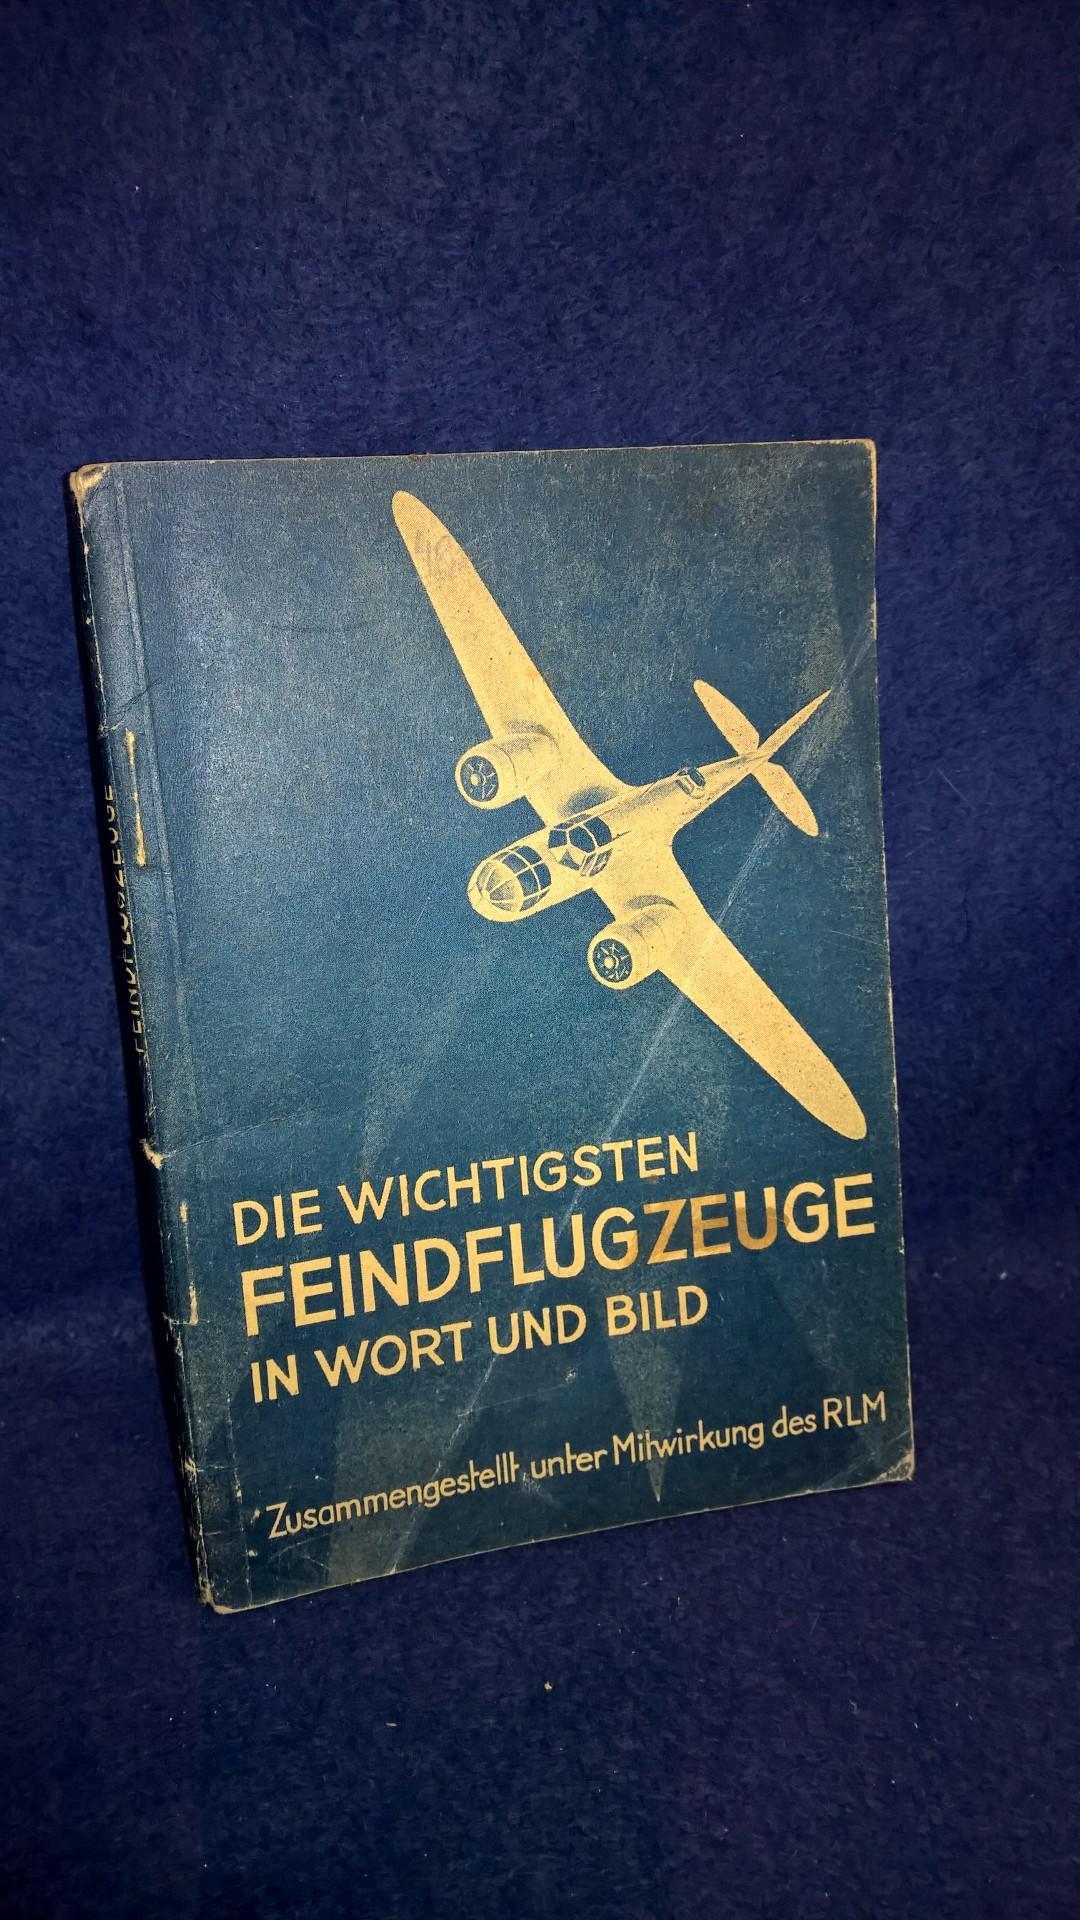 Die wichtigsten Feindflugzeuge in Wort und Bild. Stand: Sommer 1940.